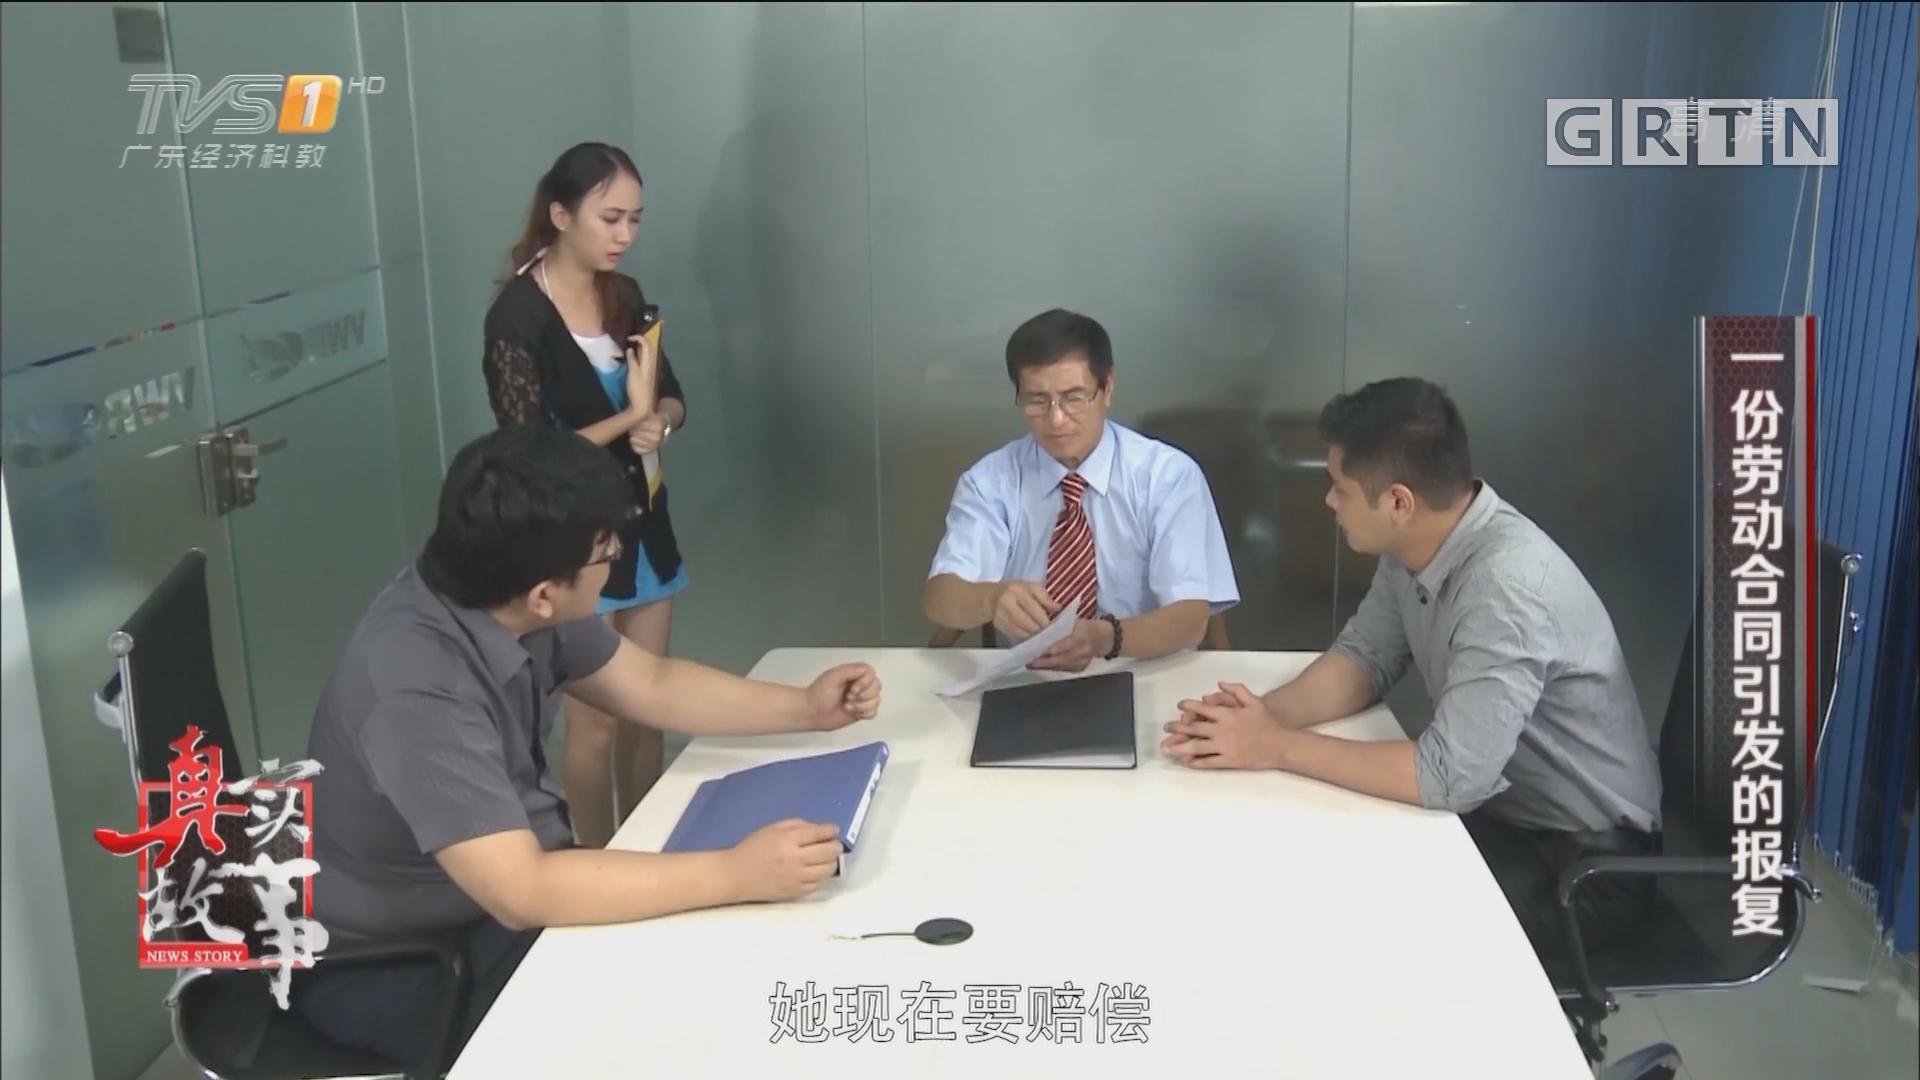 [HD][2018-05-16]真实故事:一份劳动合同引发的报复